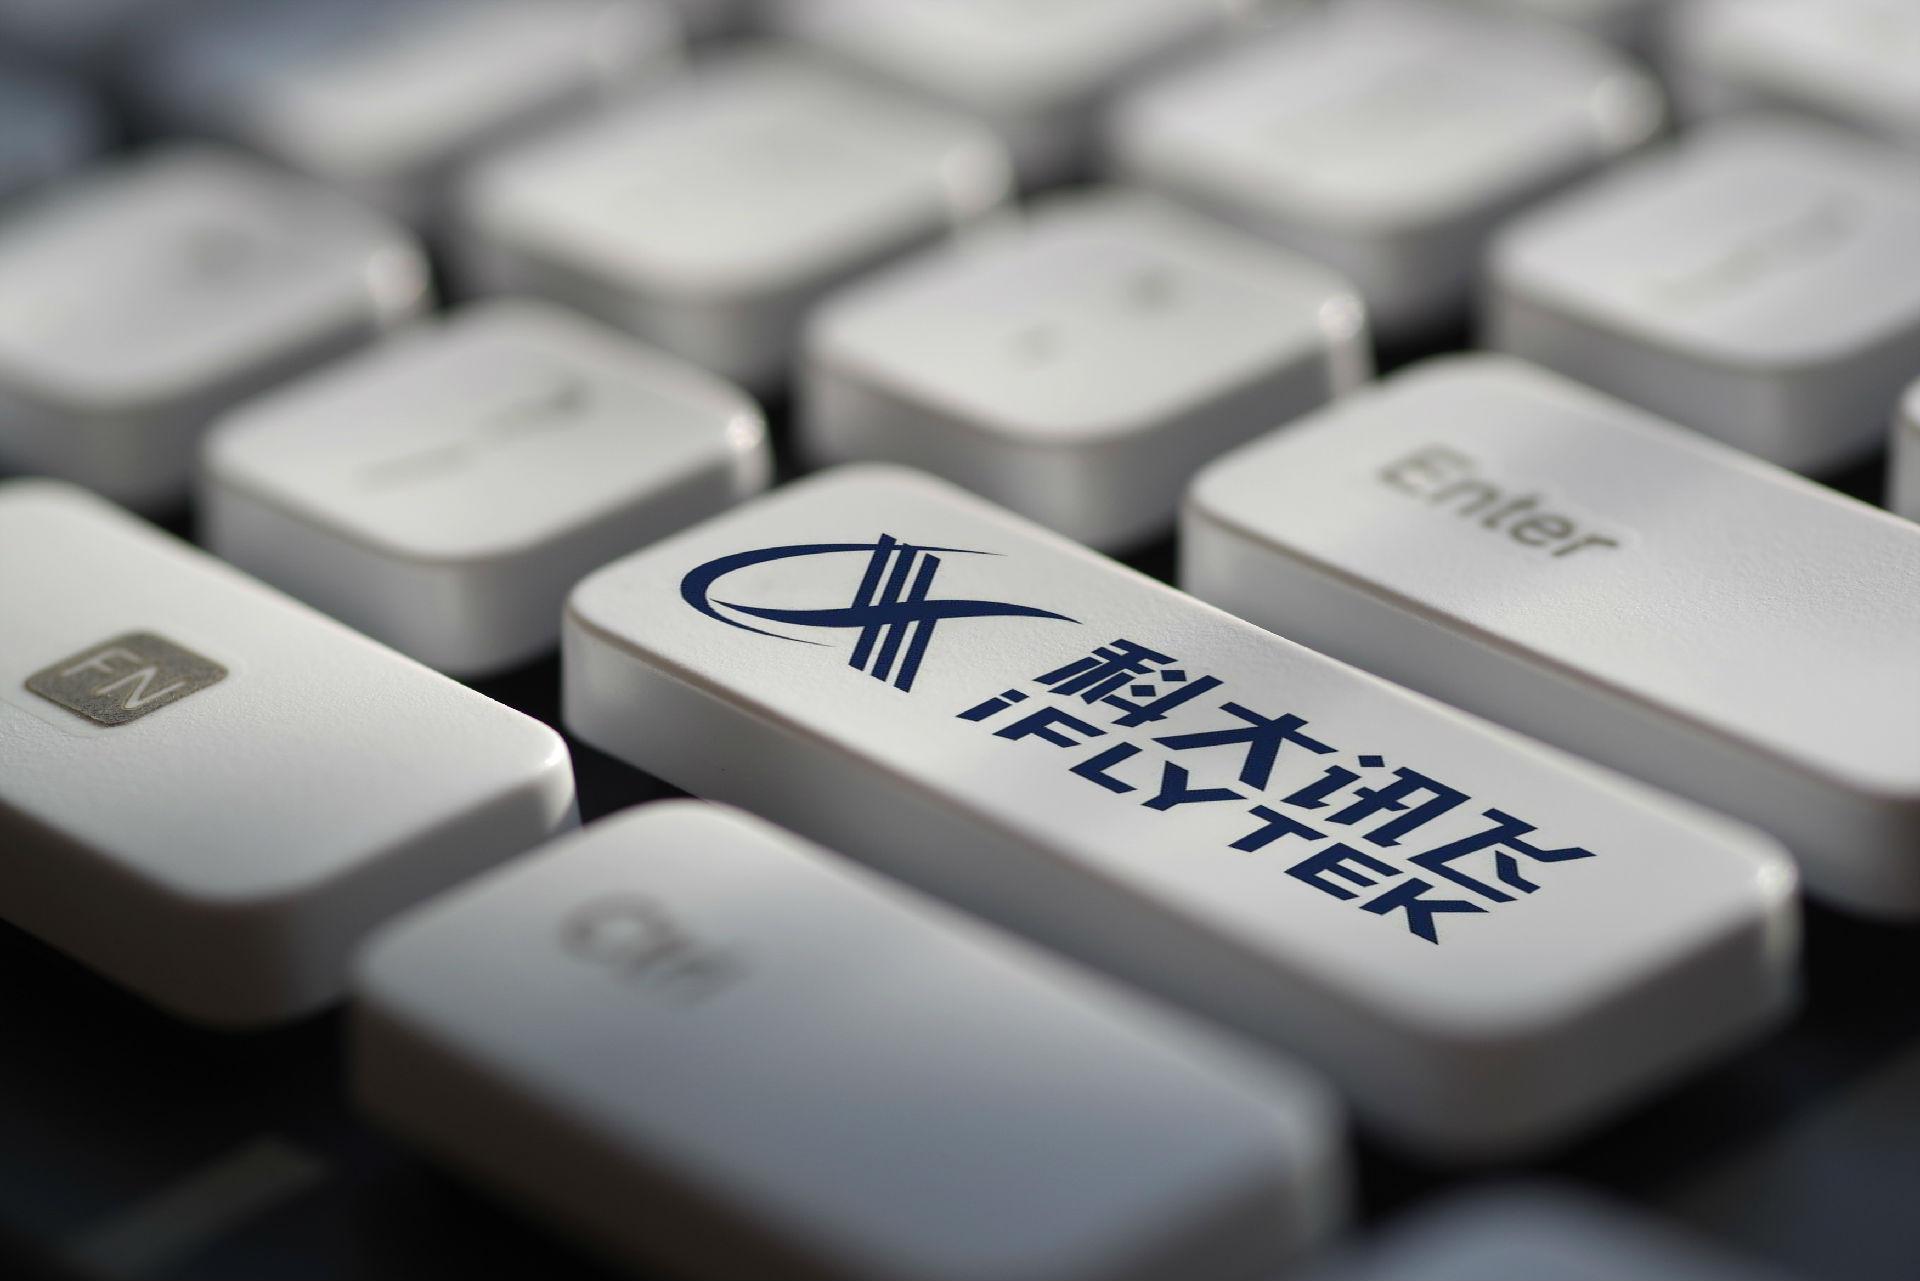 科大讯飞刘庆峰:硬件产品不会轻易拓展到不相关领域